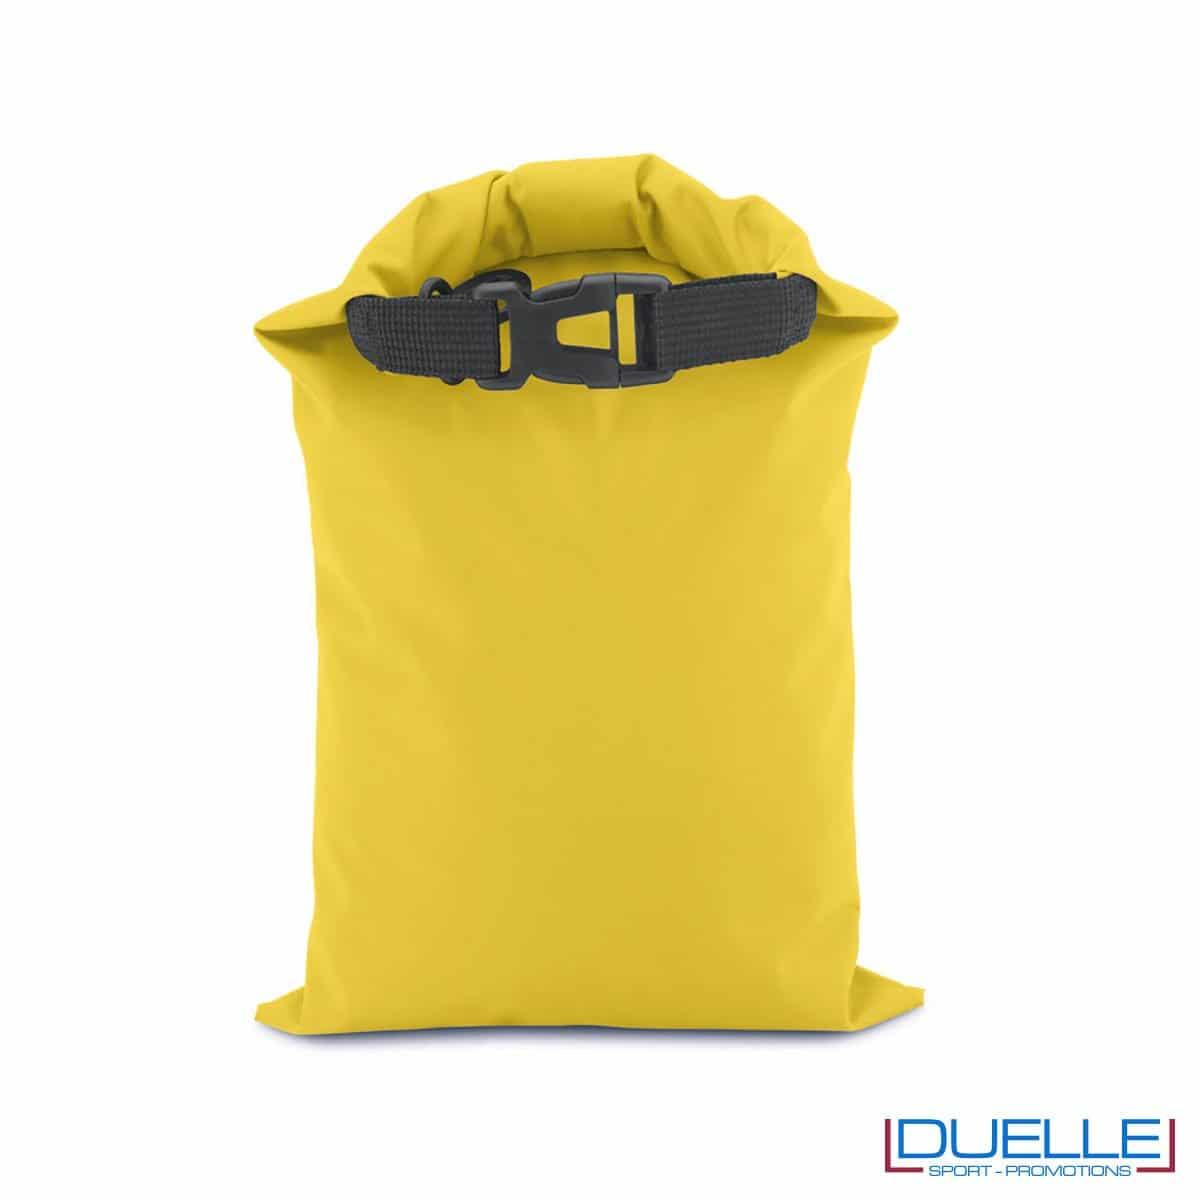 Sacca impermeabile personalizzata colore giallo